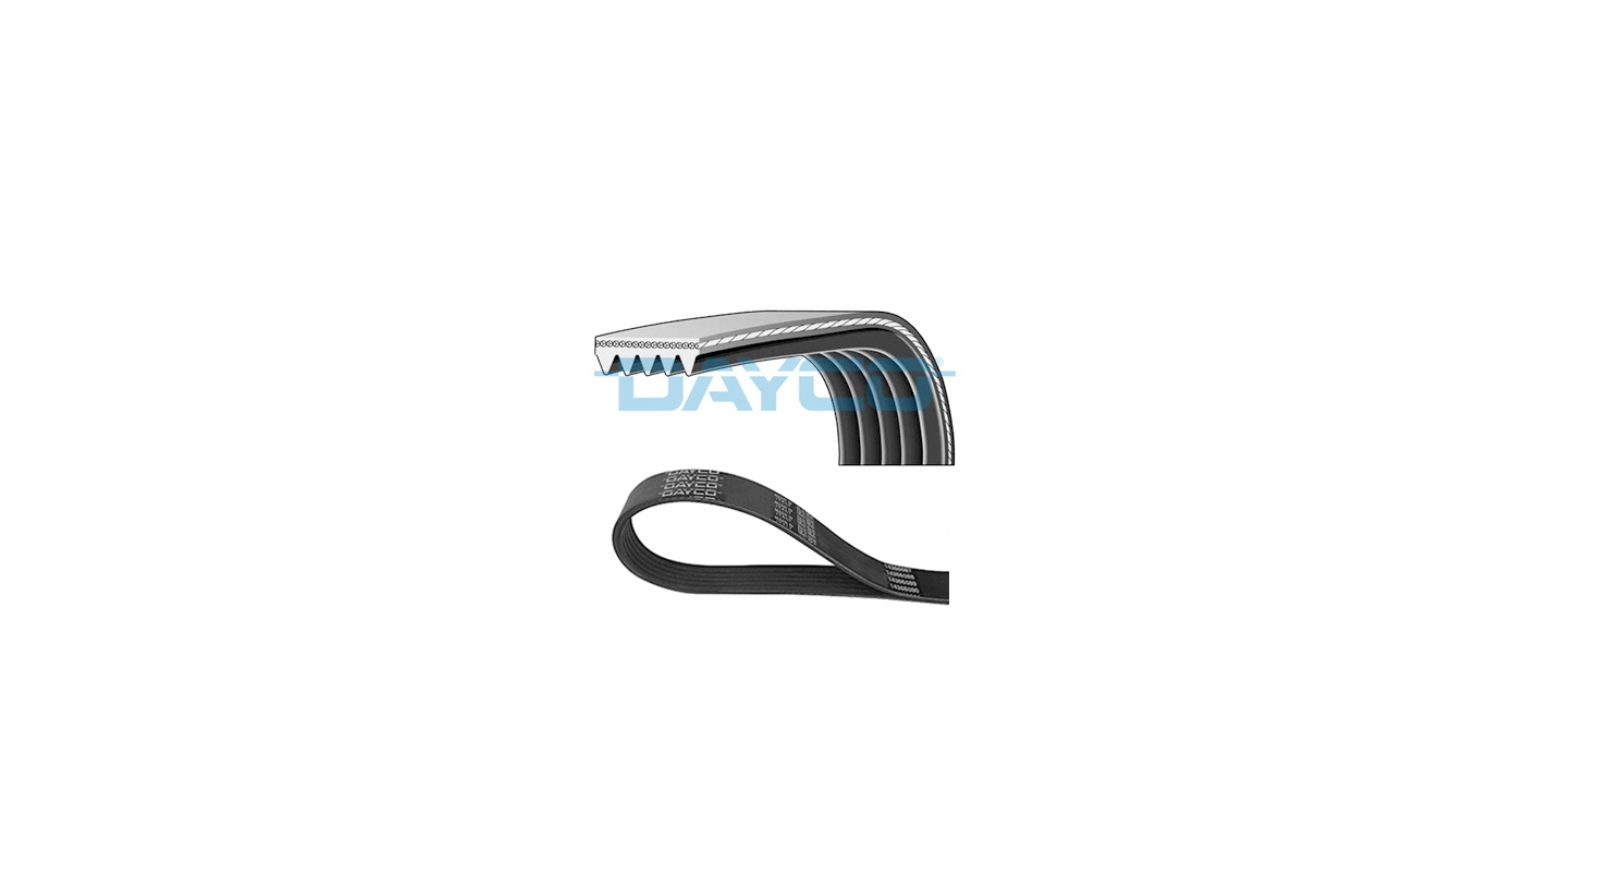 Curea transmisie DAYCO 5PK1210 1340635